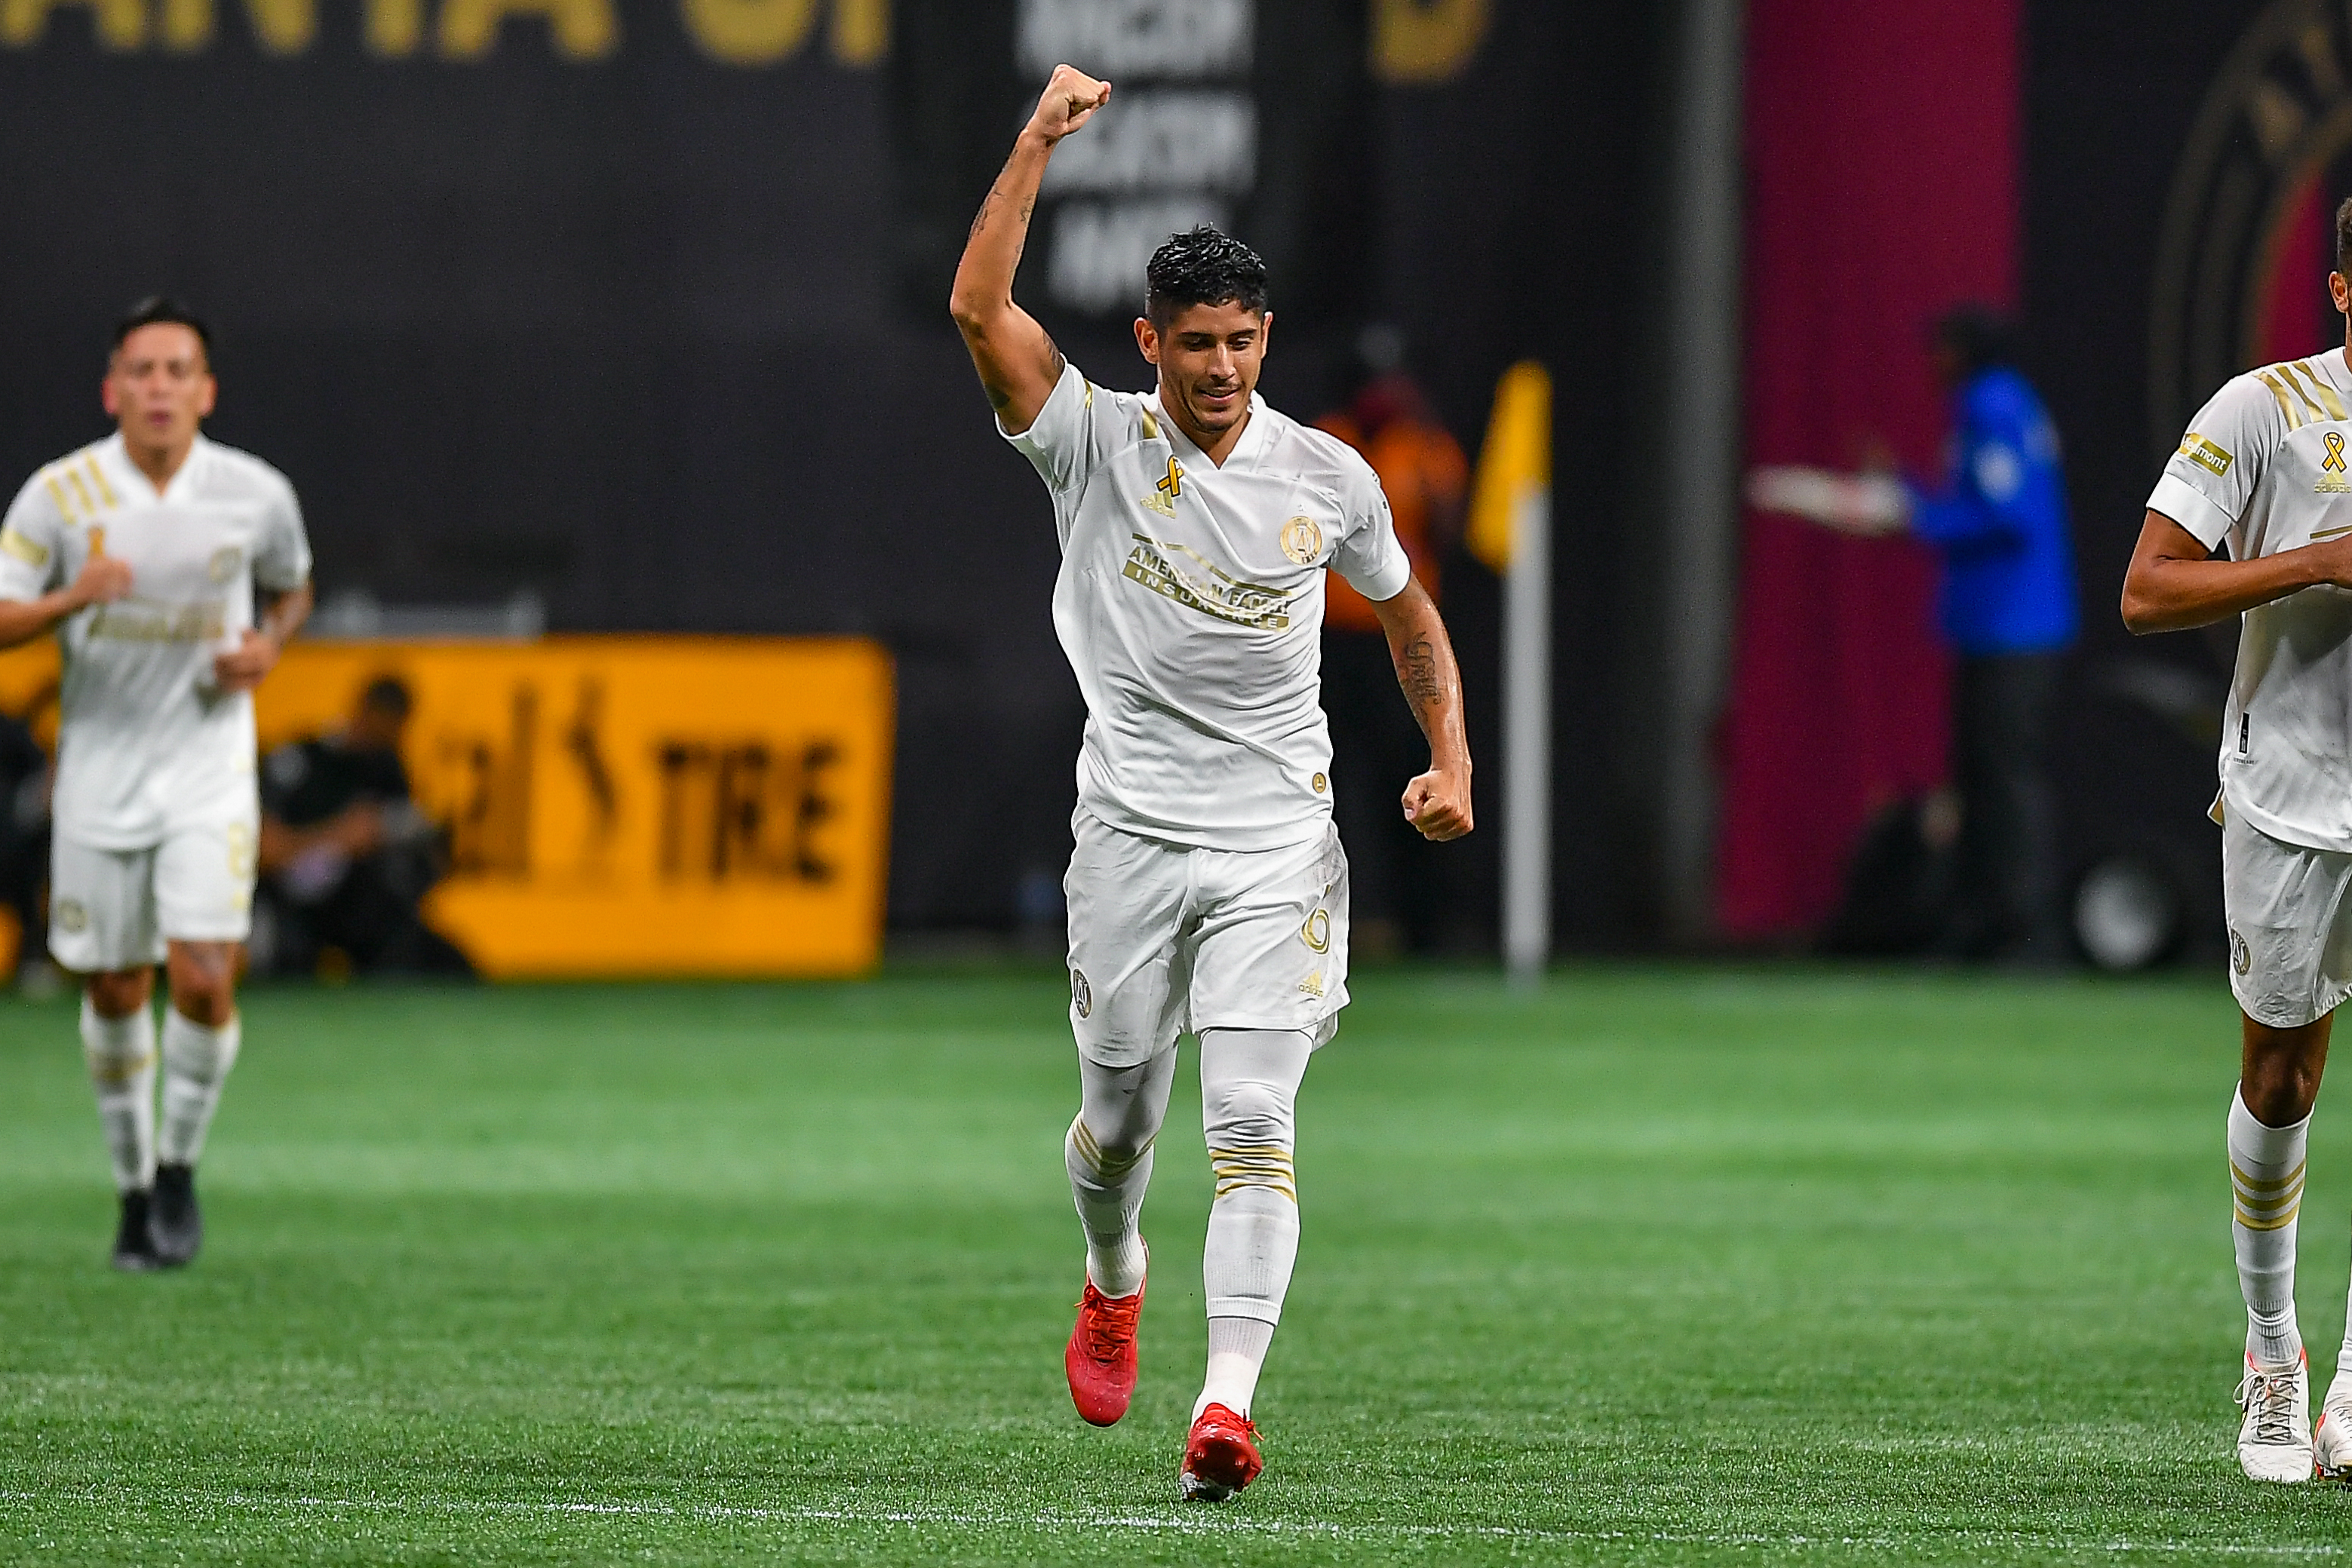 SOCCER: SEP 15 MLS - FC Cincinnati at Atlanta United FC